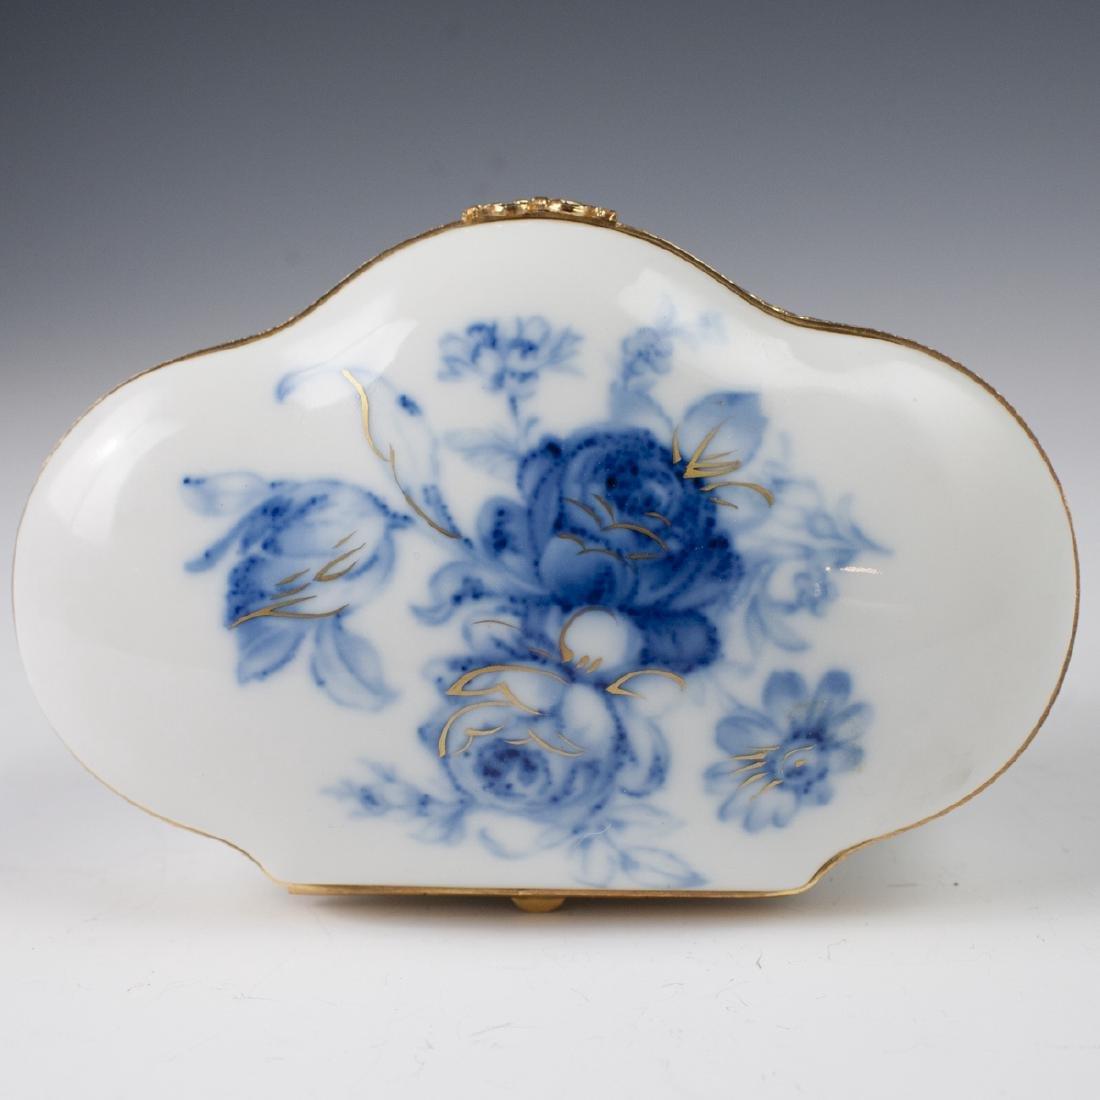 MNP Limoges Porcelain Dresser Box - 2